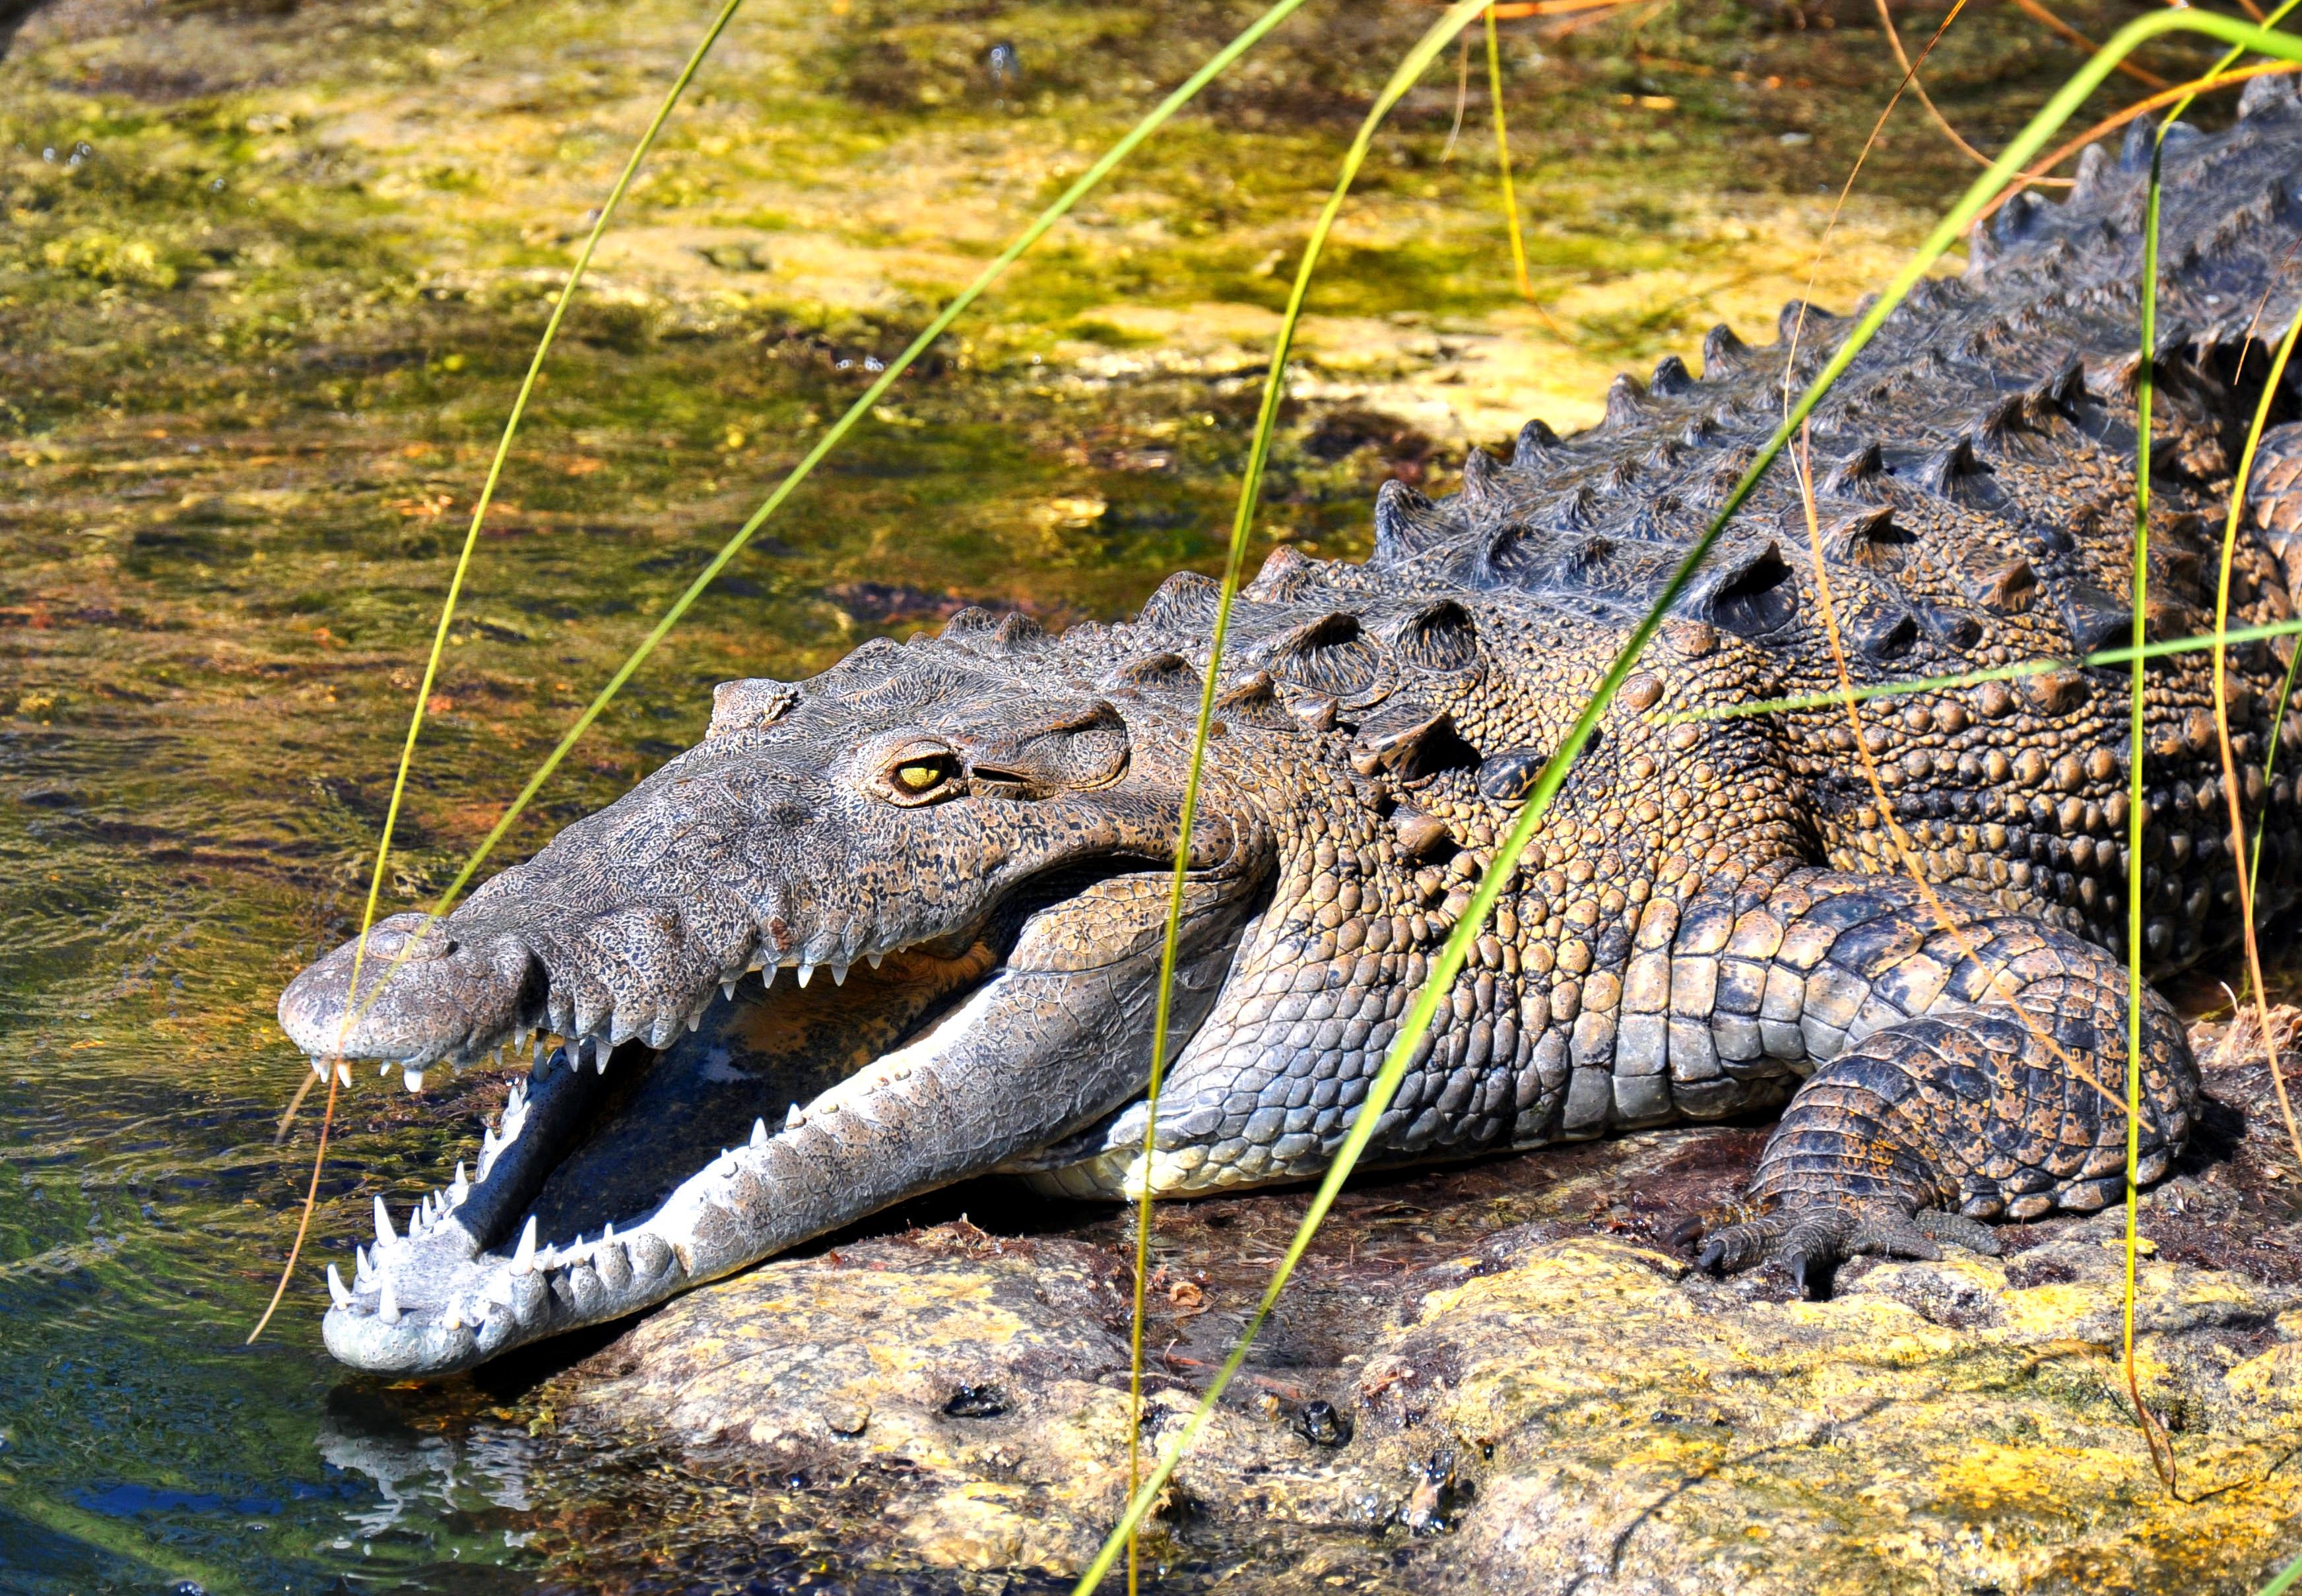 jamaican crocodile - photo #1